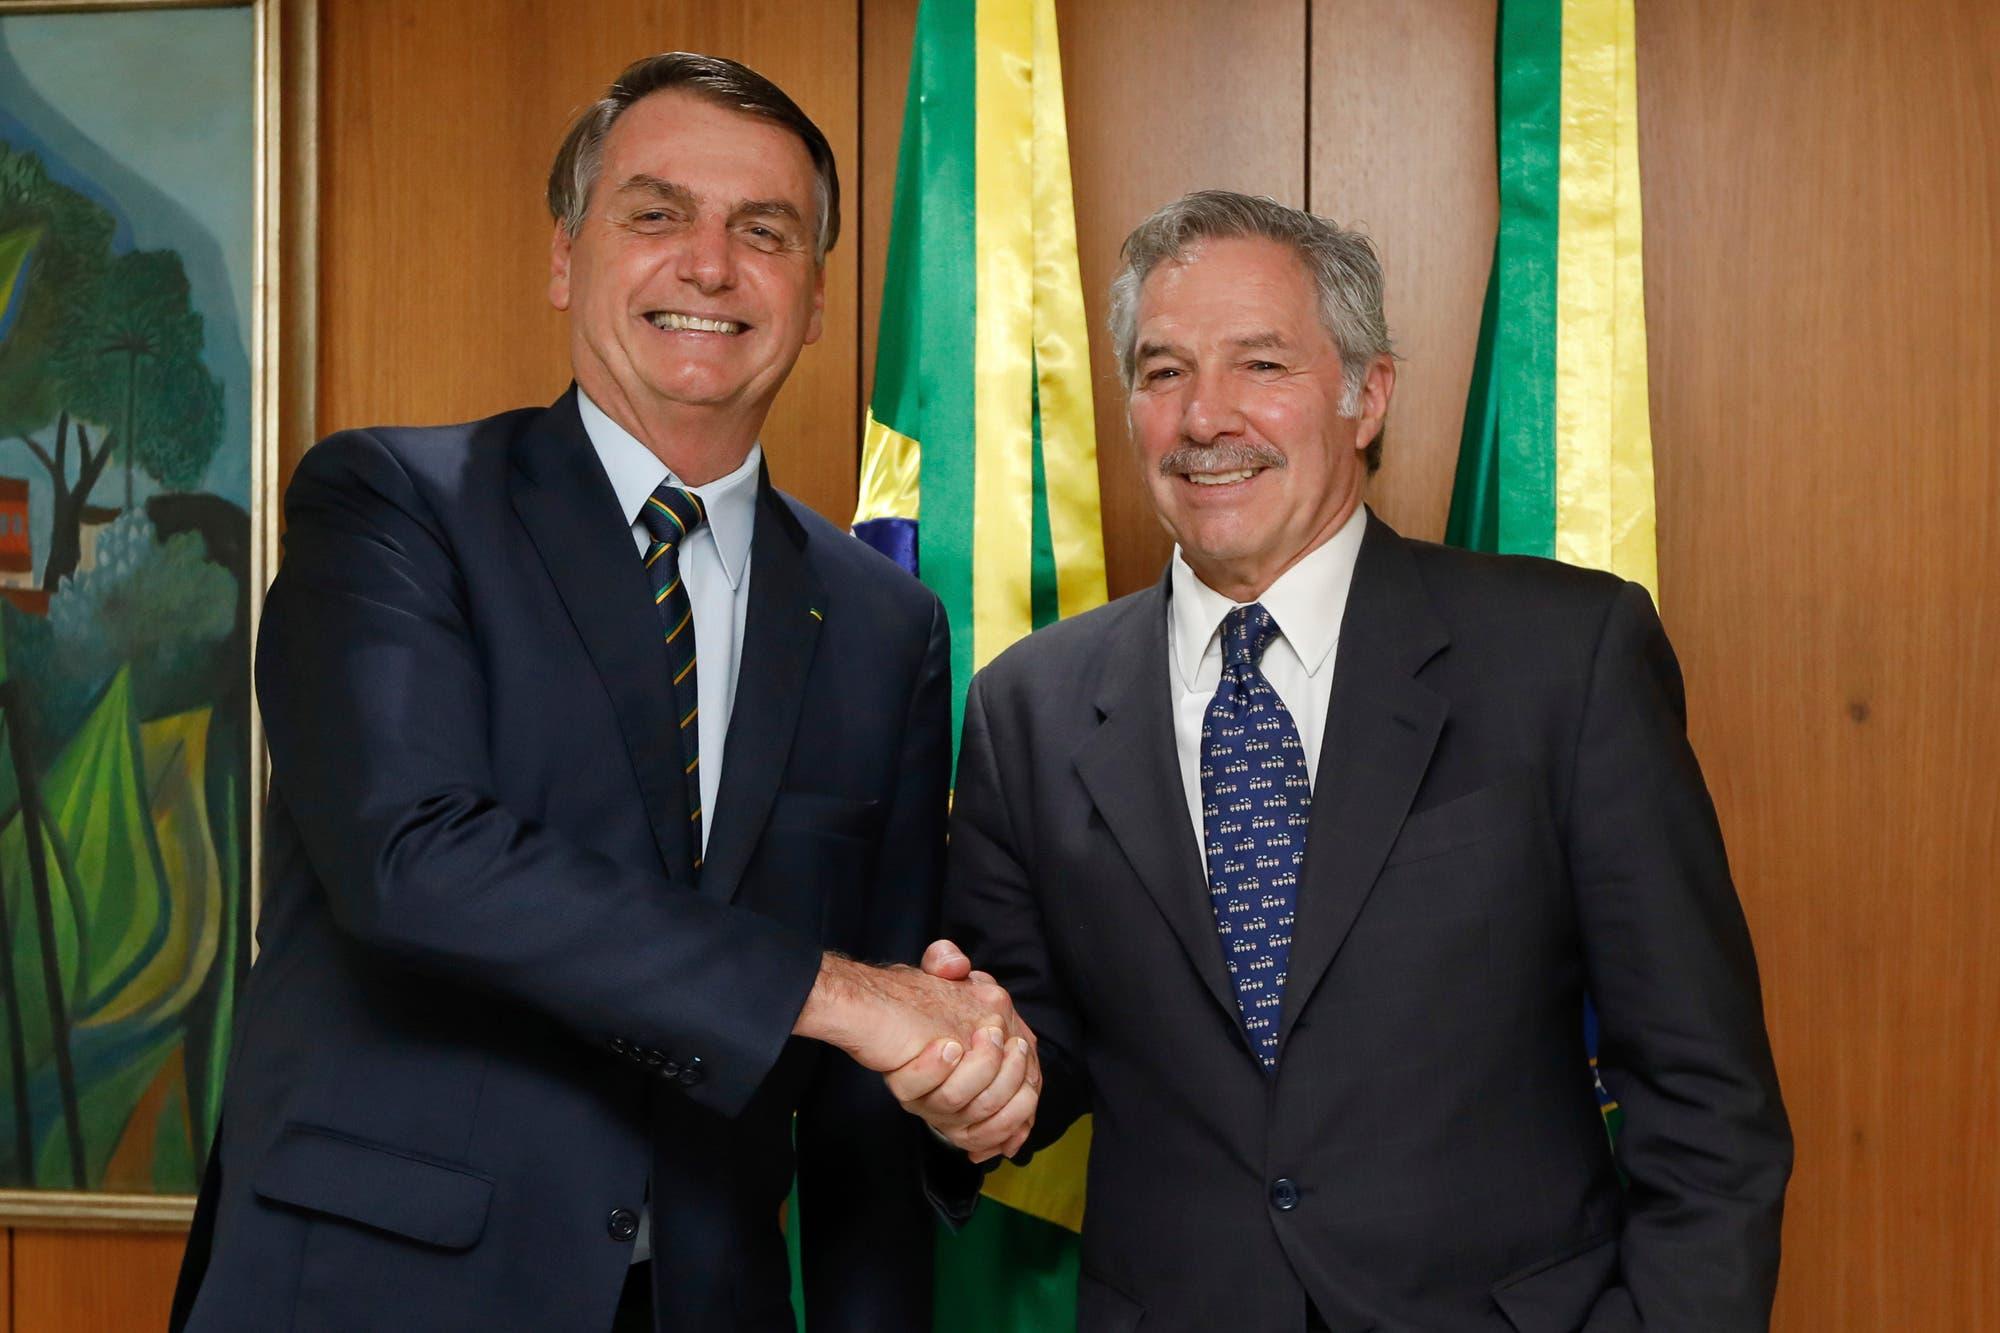 Jair Bolsonaro le propuso a Alberto Fernández reunirse el 1° de marzo en Montevideo